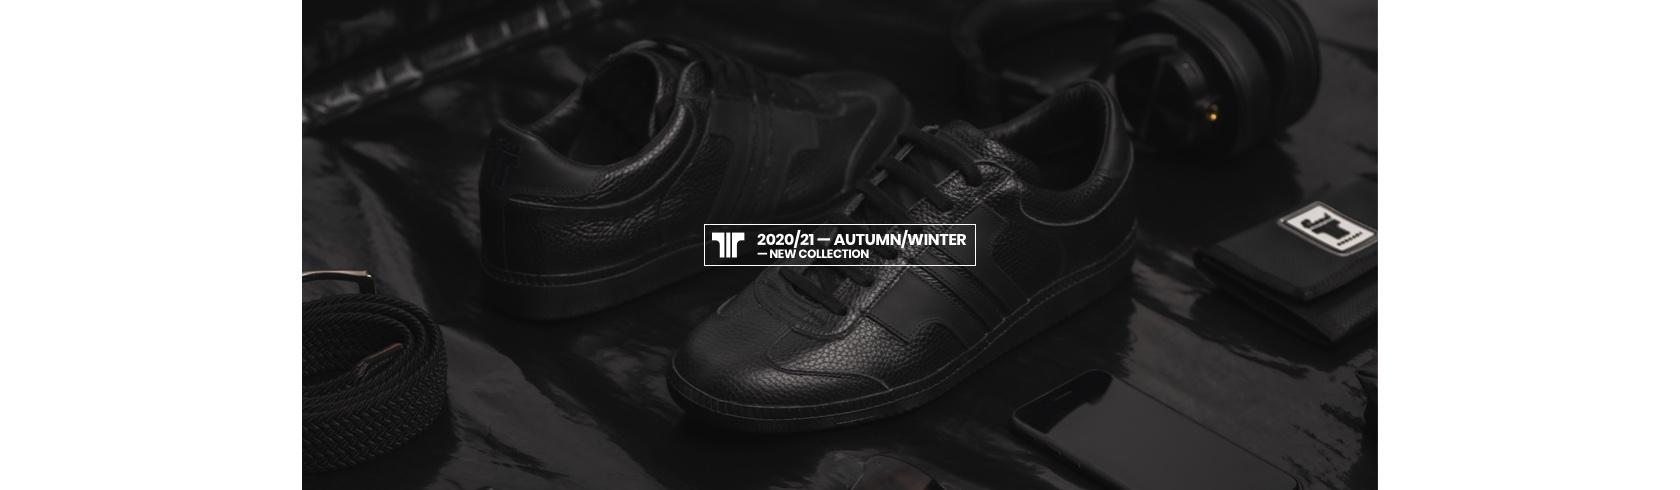 Üzlet a cipők létrehozásával. Hogyan lehet cipőboltot nyitni: cipőipari vállalkozás indítása